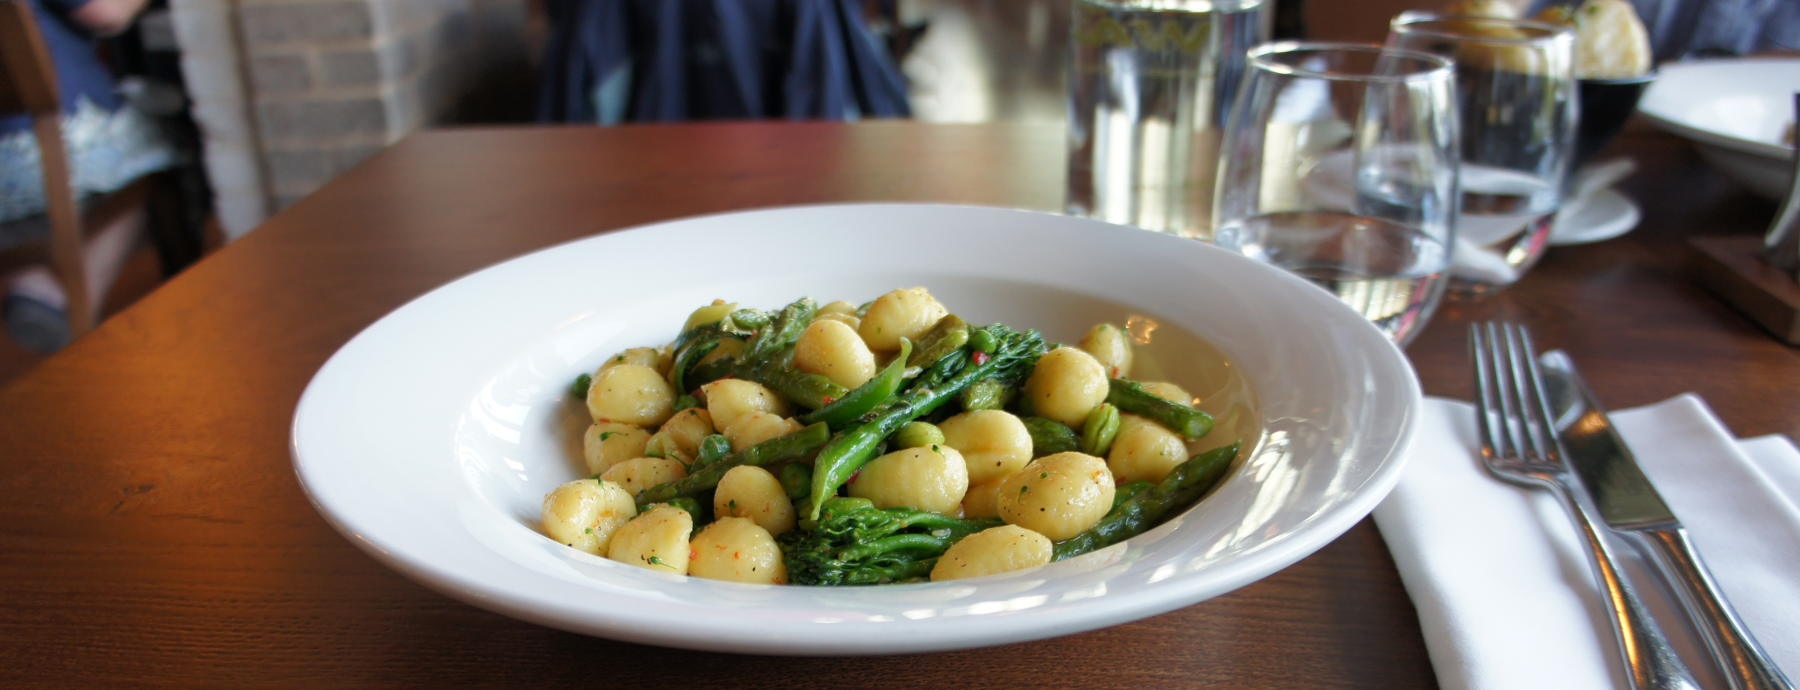 Gnocchi with peas, part of the vegan pre-theatre menu